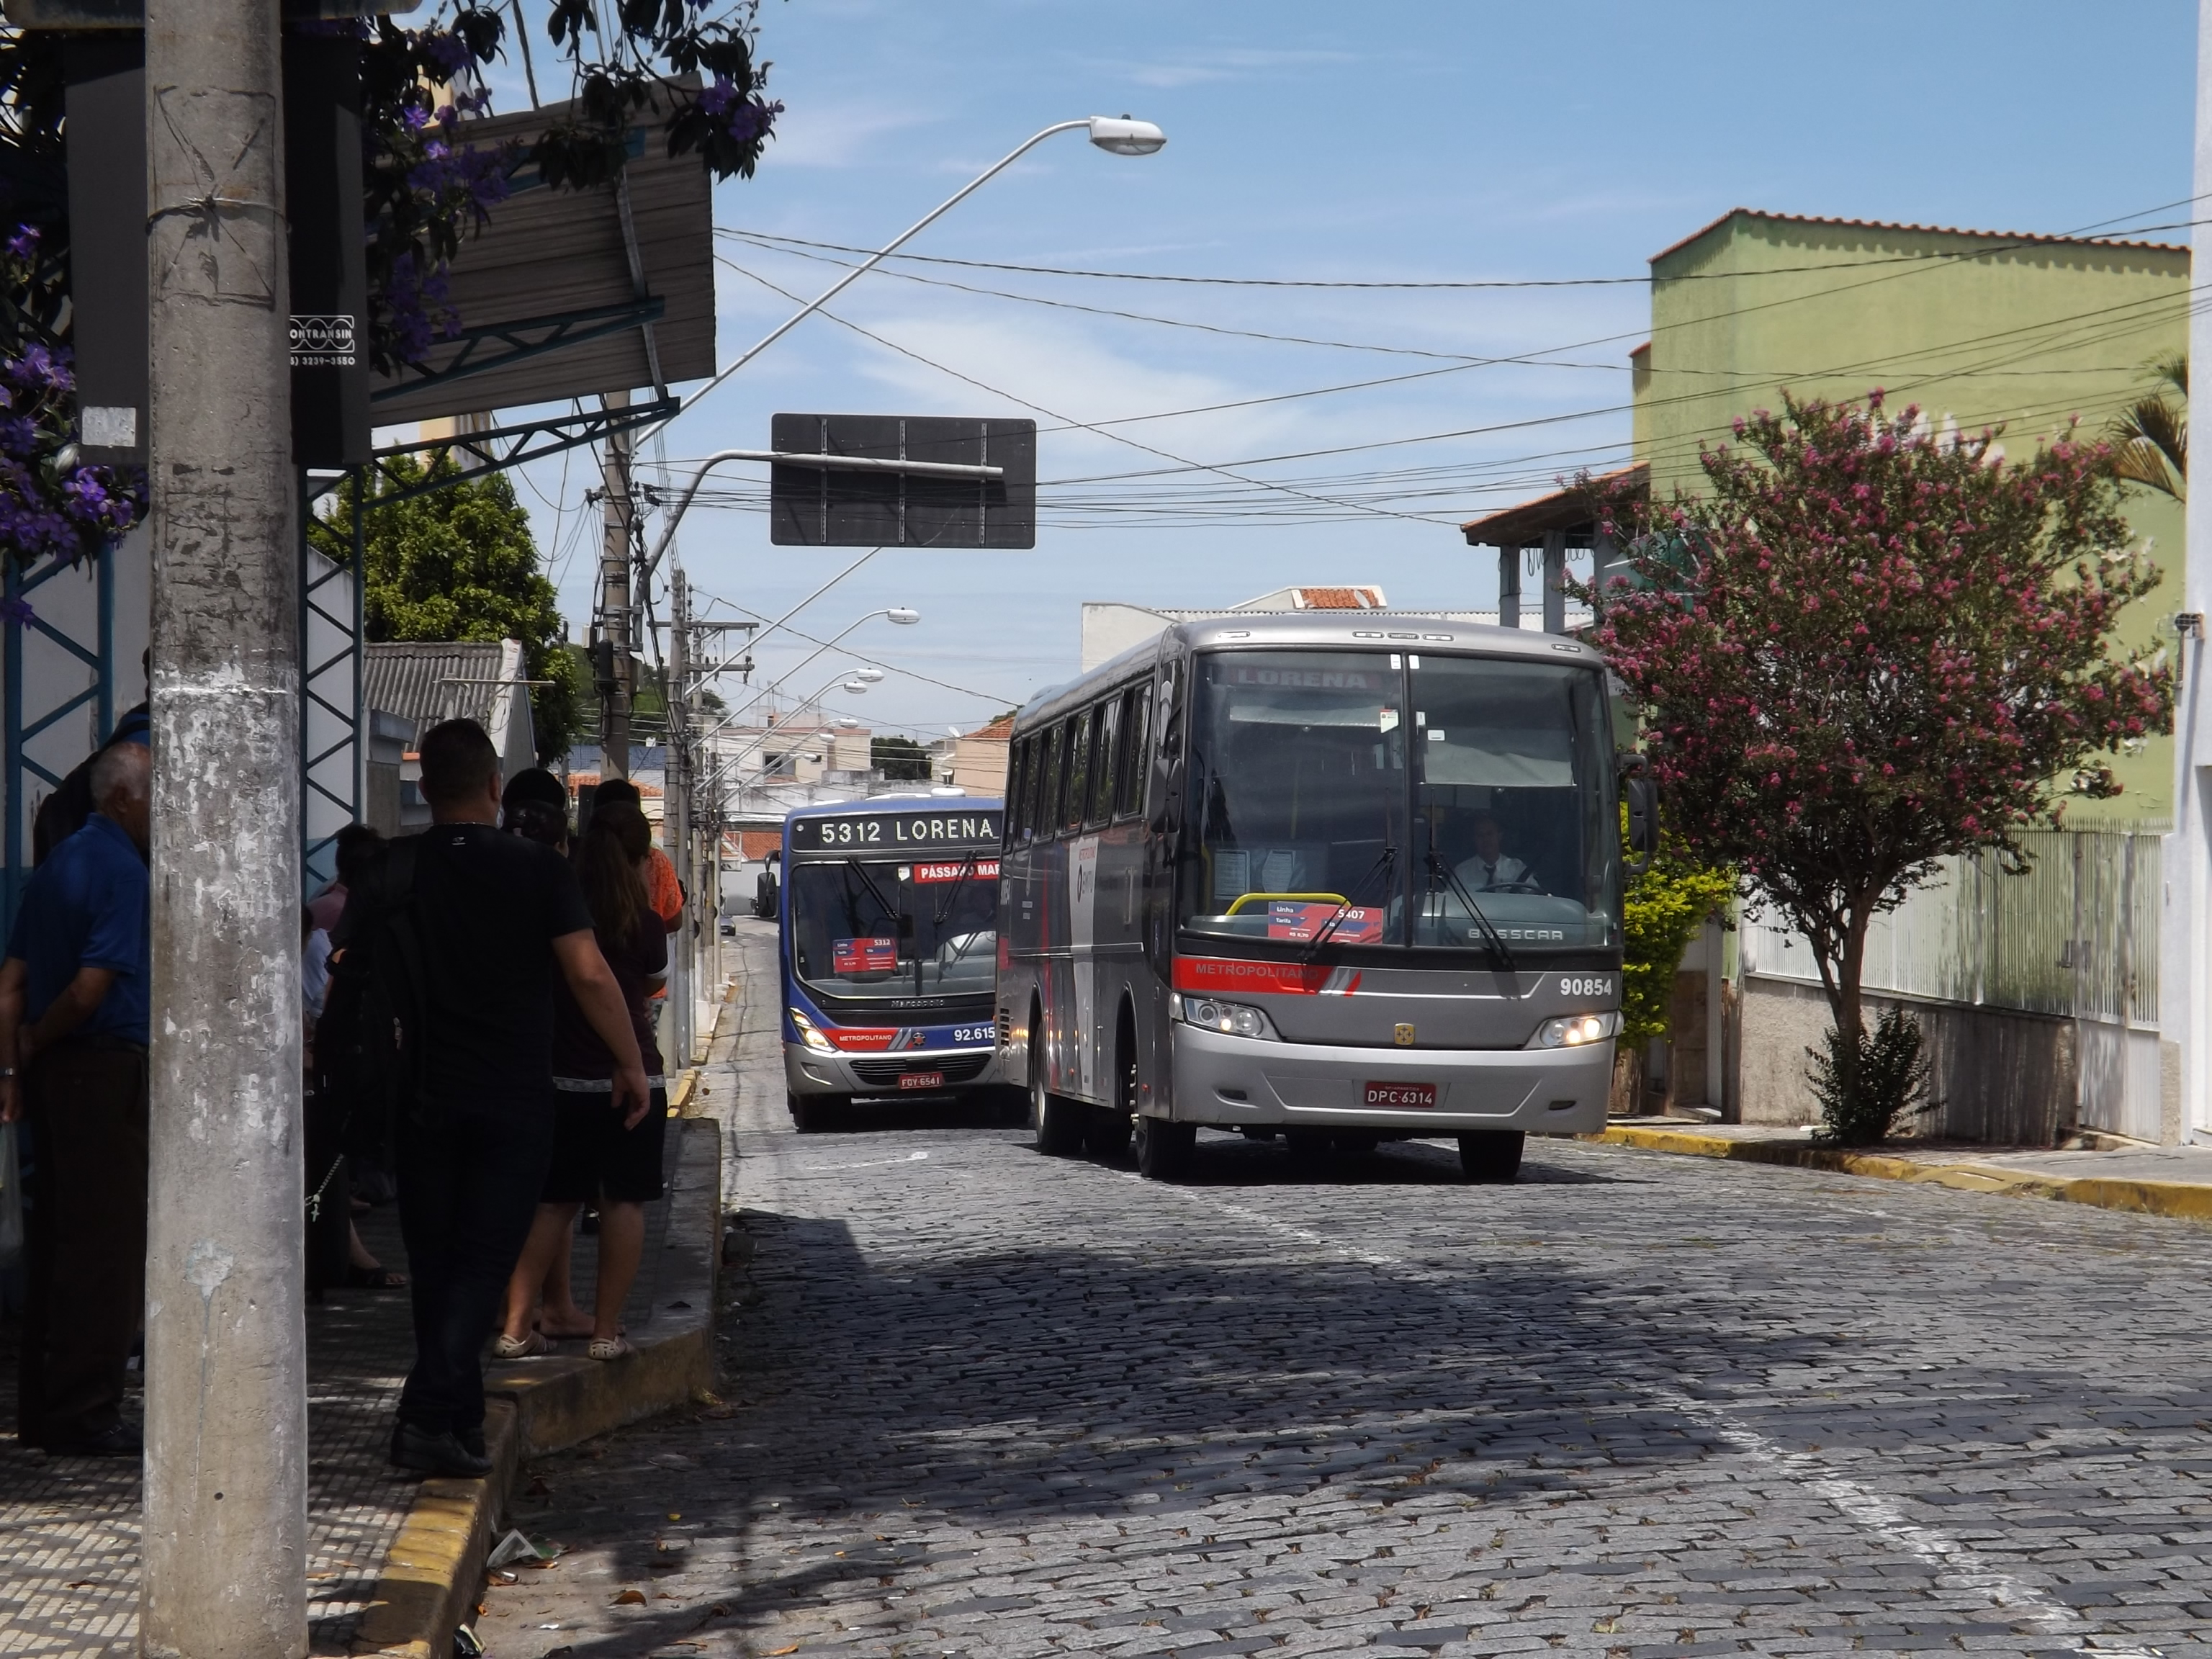 Passageiros aguardam ônibus que liga Lorena à região; reajuste foi suspenso na última terça-feira pelo TJ (Foto: Arquivo Atos)